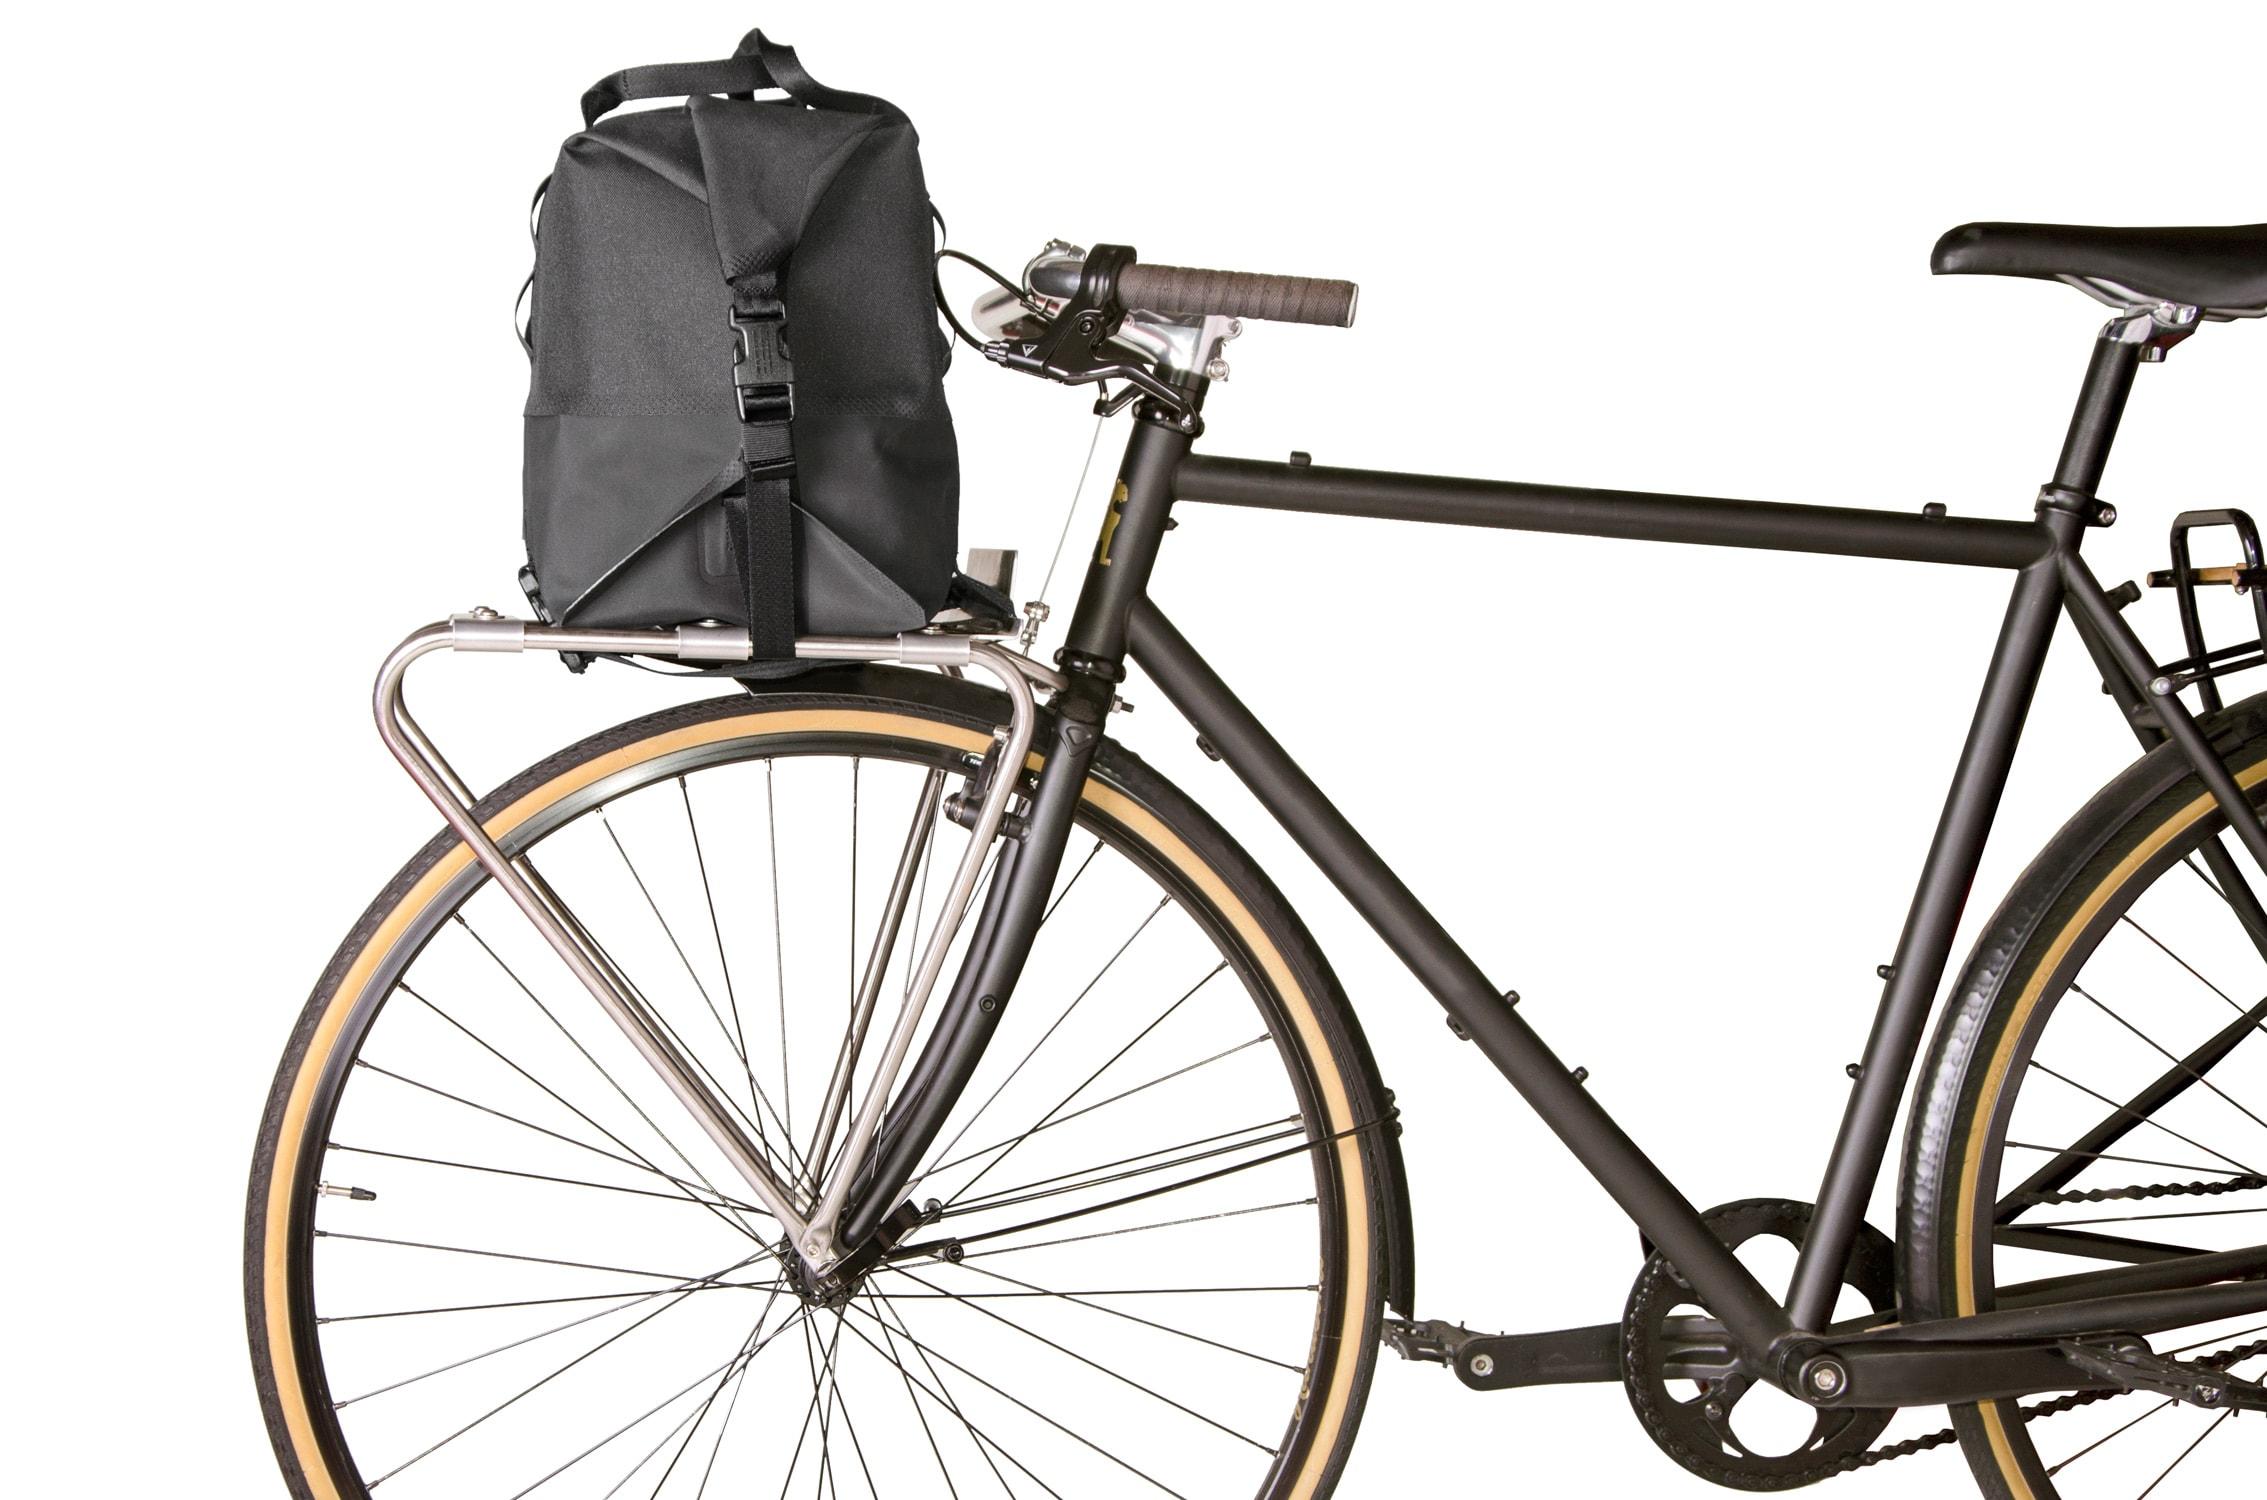 Chrome Knurled Welded Front Rack Duffle Bike Bag Thumbnail 8